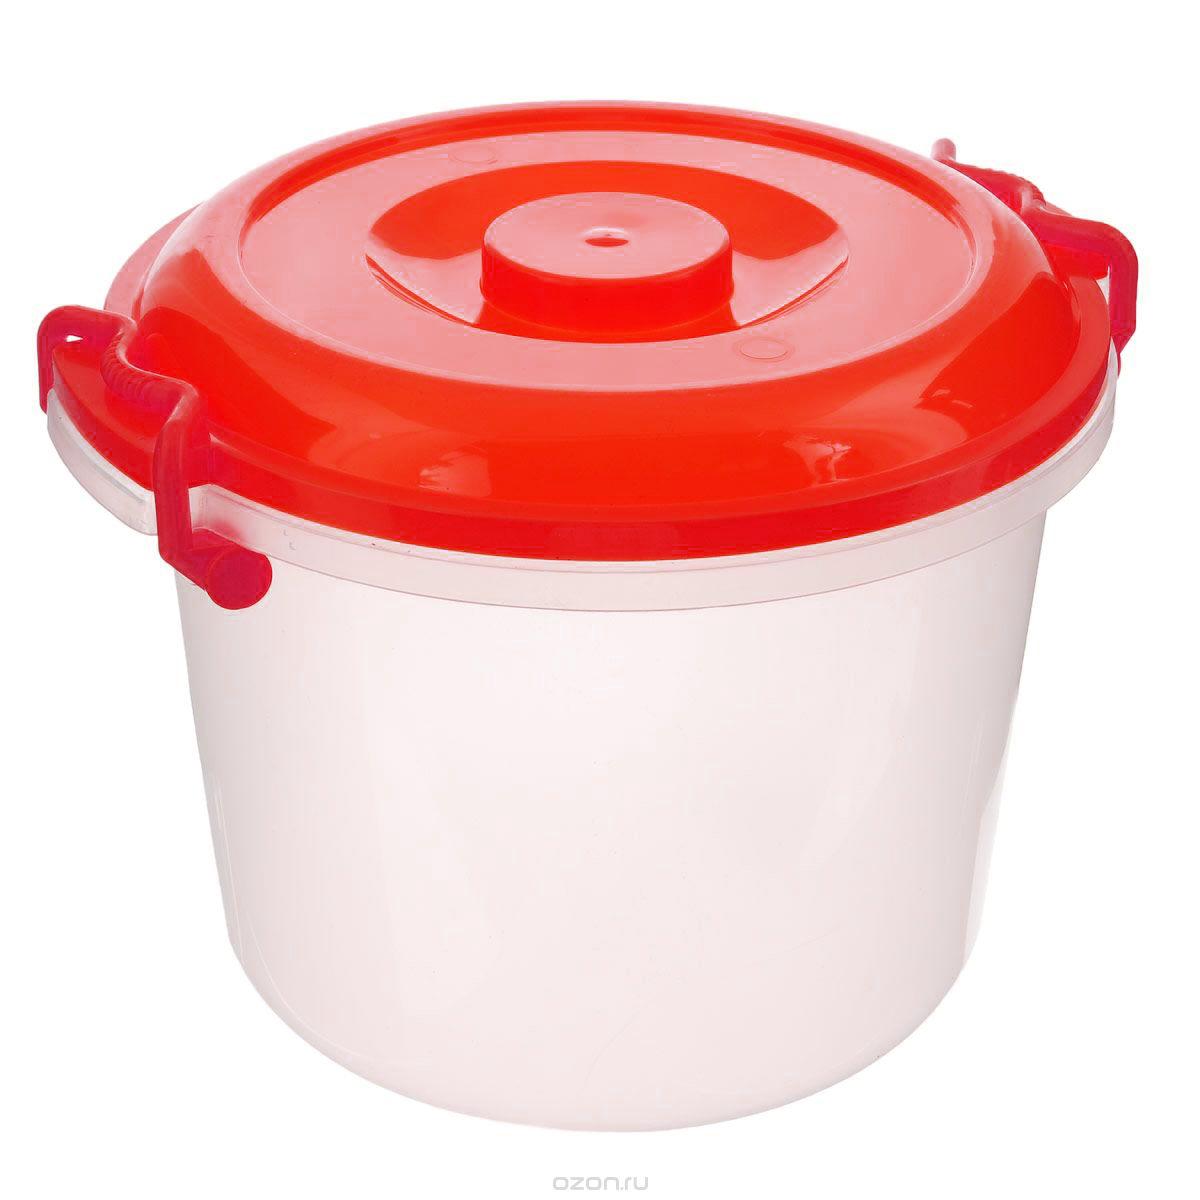 Контейнер Альтернатива, цвет: красный, прозрачный, 8 лM098_красныйКонтейнер Альтернатива изготовлен из высококачественного пищевого пластика. Изделие оснащено крышкой и ручками, которые плотно закрывают контейнер. Также на крышке имеется ручка для удобной переноски. Емкость предназначена для хранения различных бытовых вещей и продуктов.Такой контейнер очень функционален и всегда пригодится на кухне.Диаметр контейнера (по верхнему краю): 25 см. Высота контейнера (без учета крышки): 21 см. Объем: 8 л.